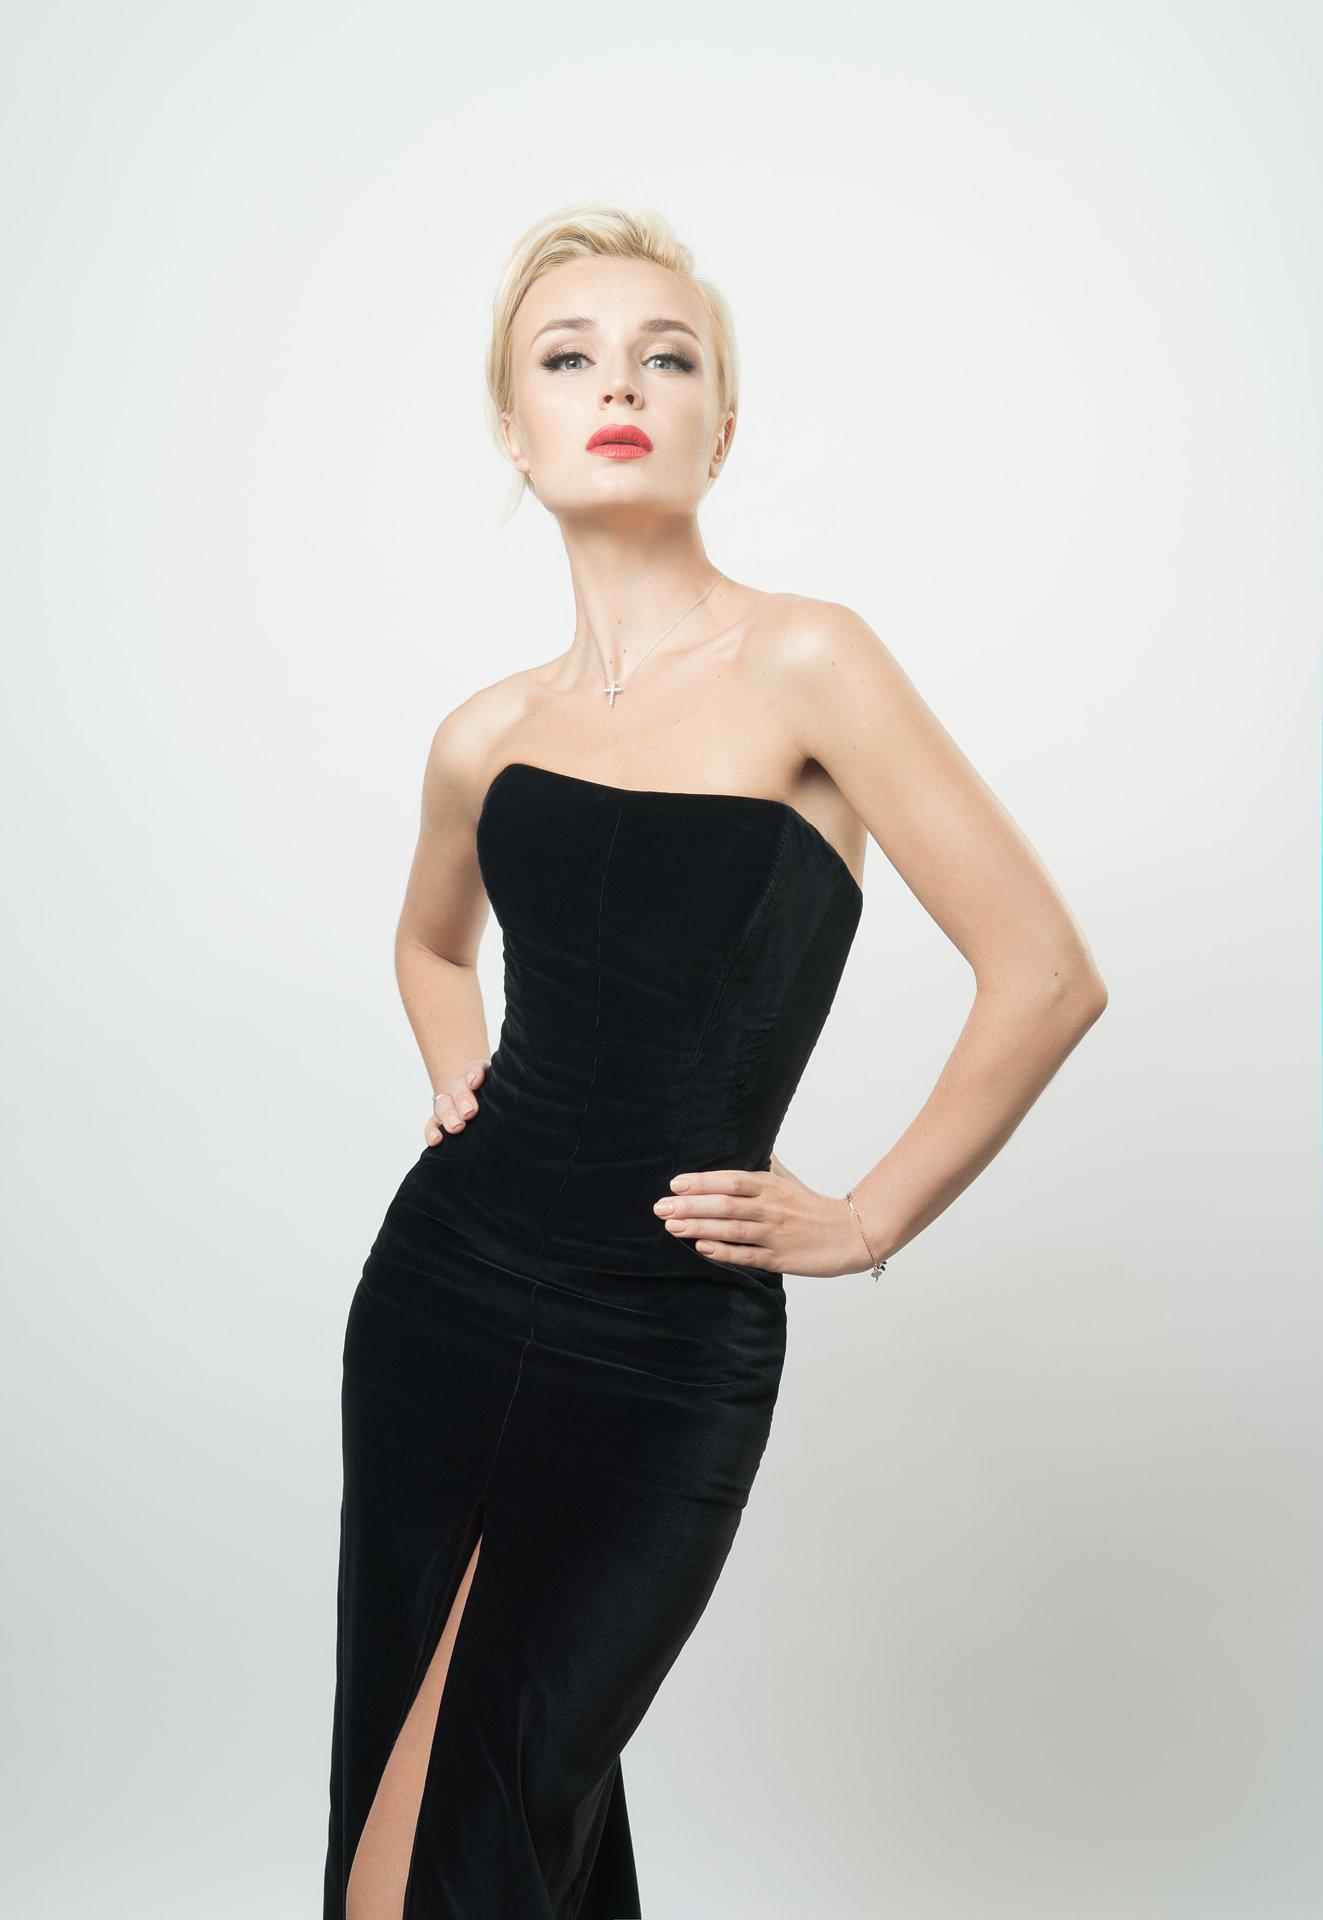 Полина Гагарина - девушка из 100 самых сексуальных девушек ...